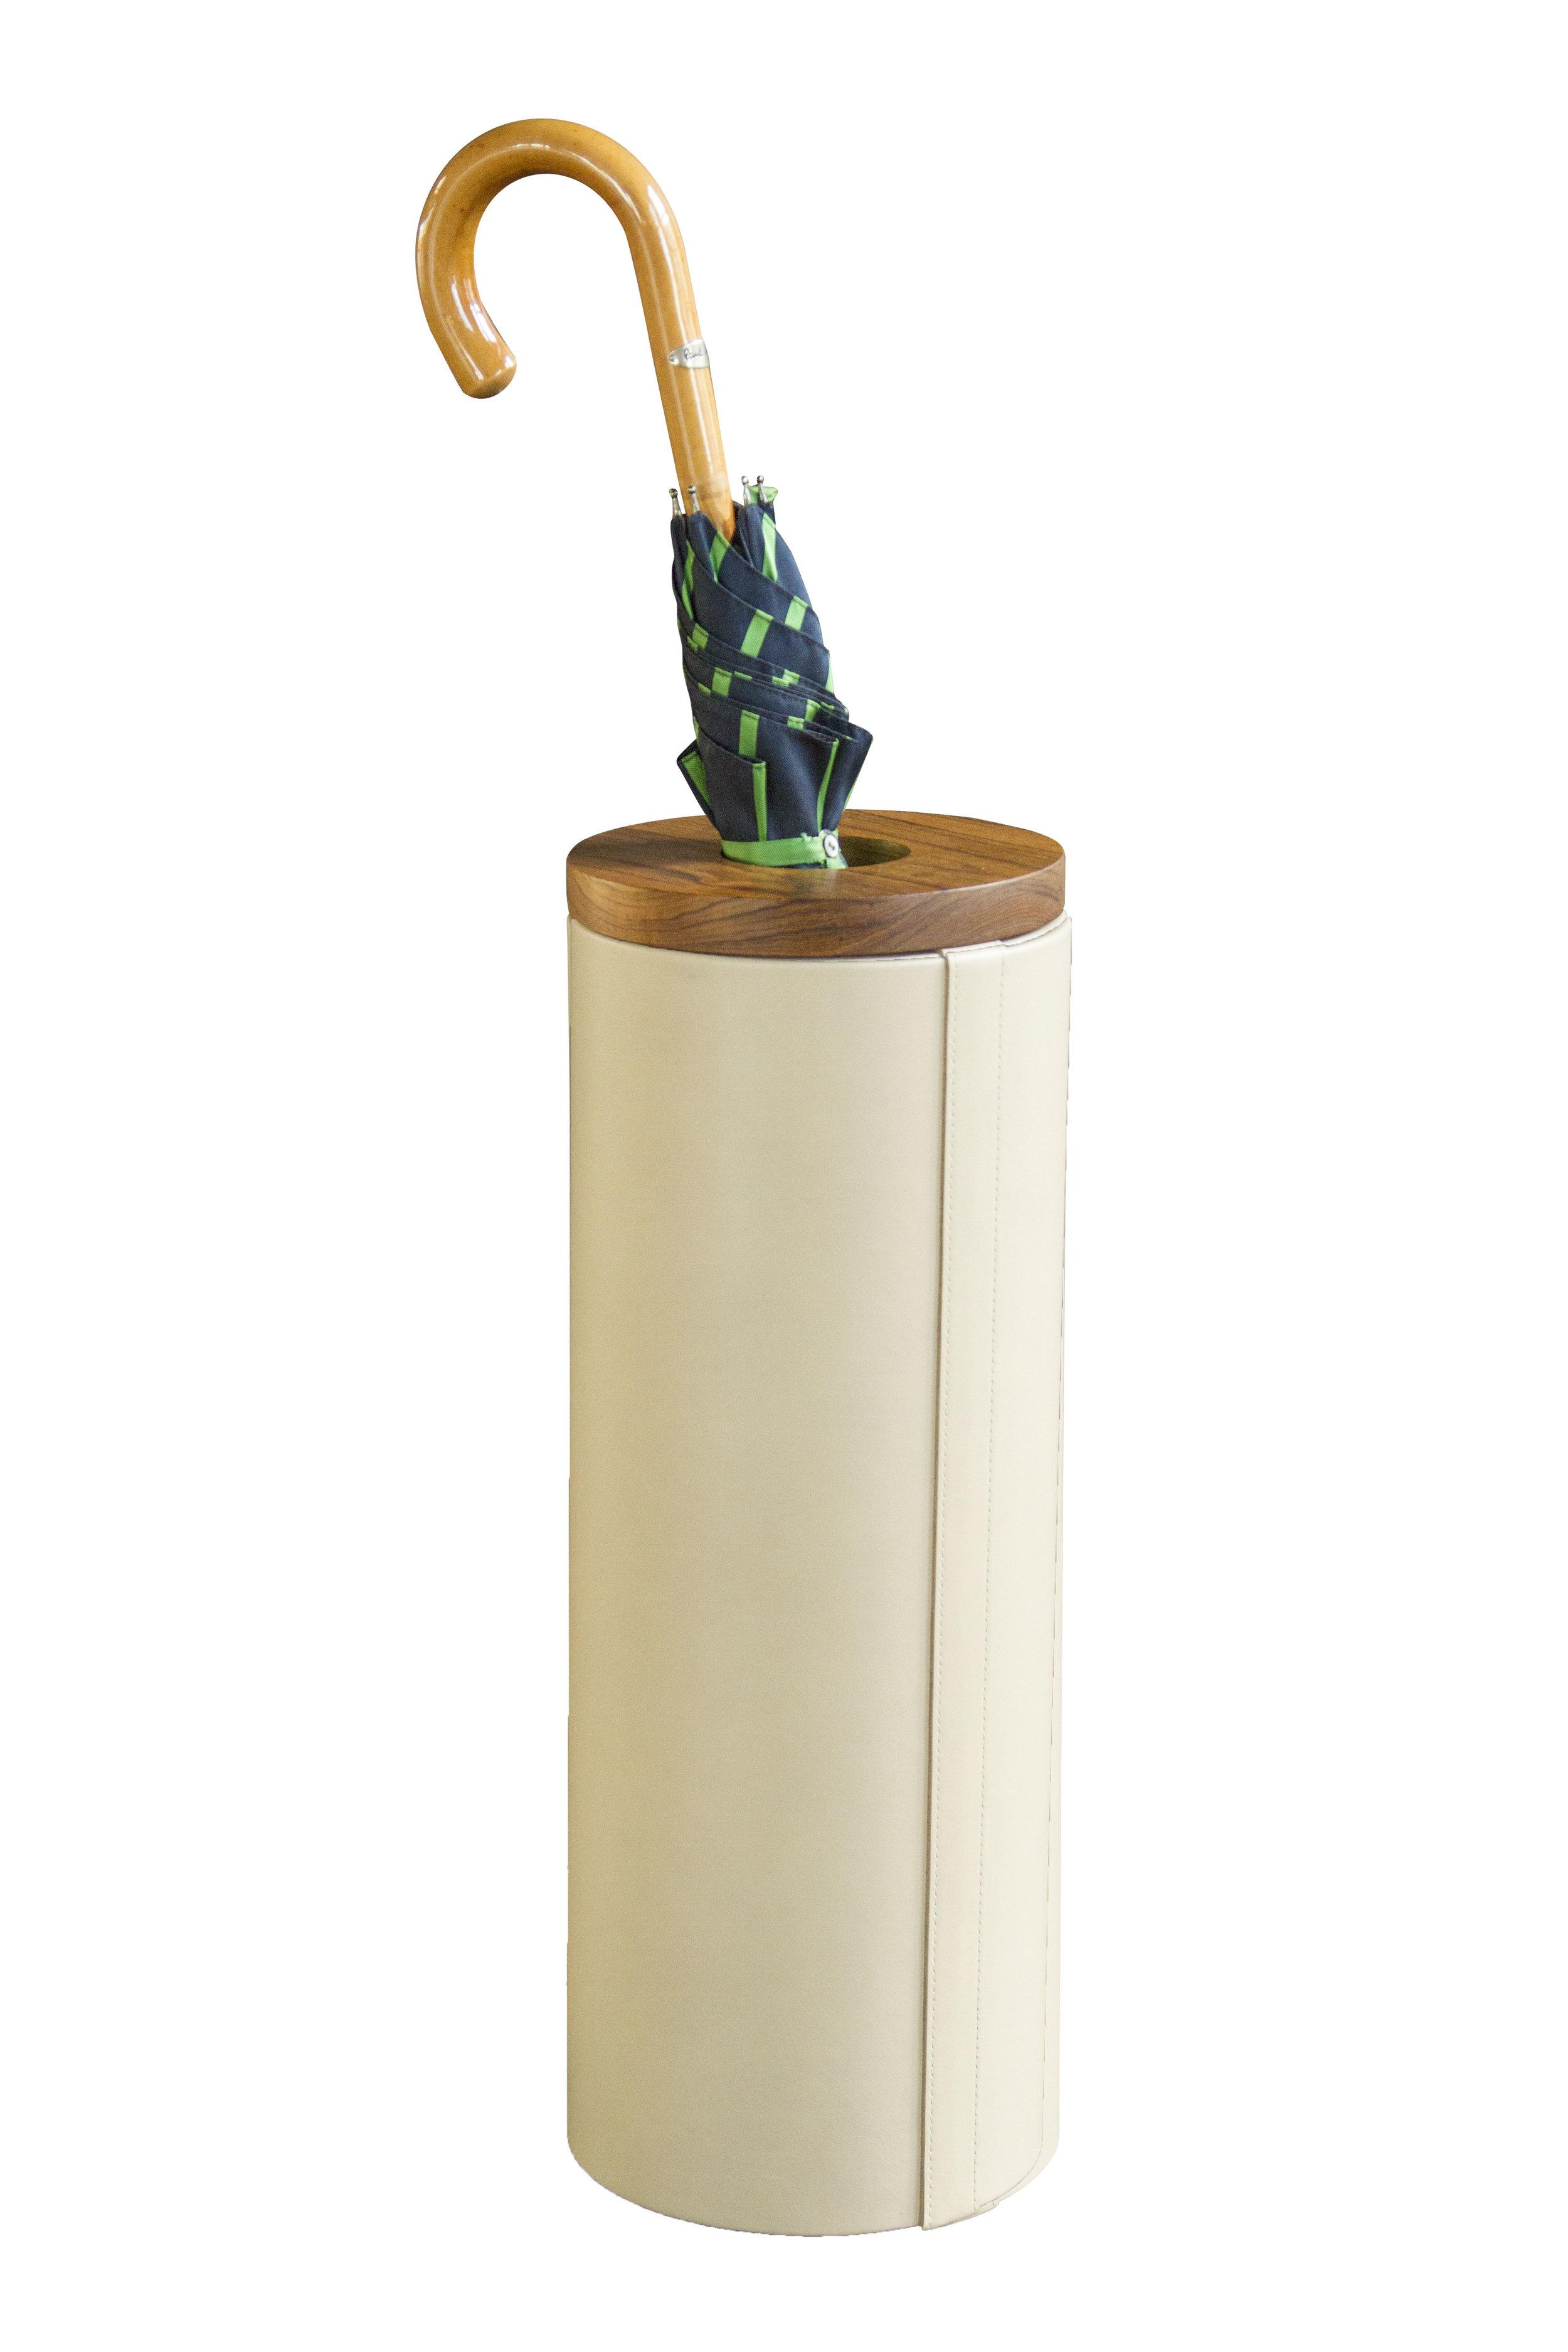 Cavender Wastebasket or Umbrella Stand